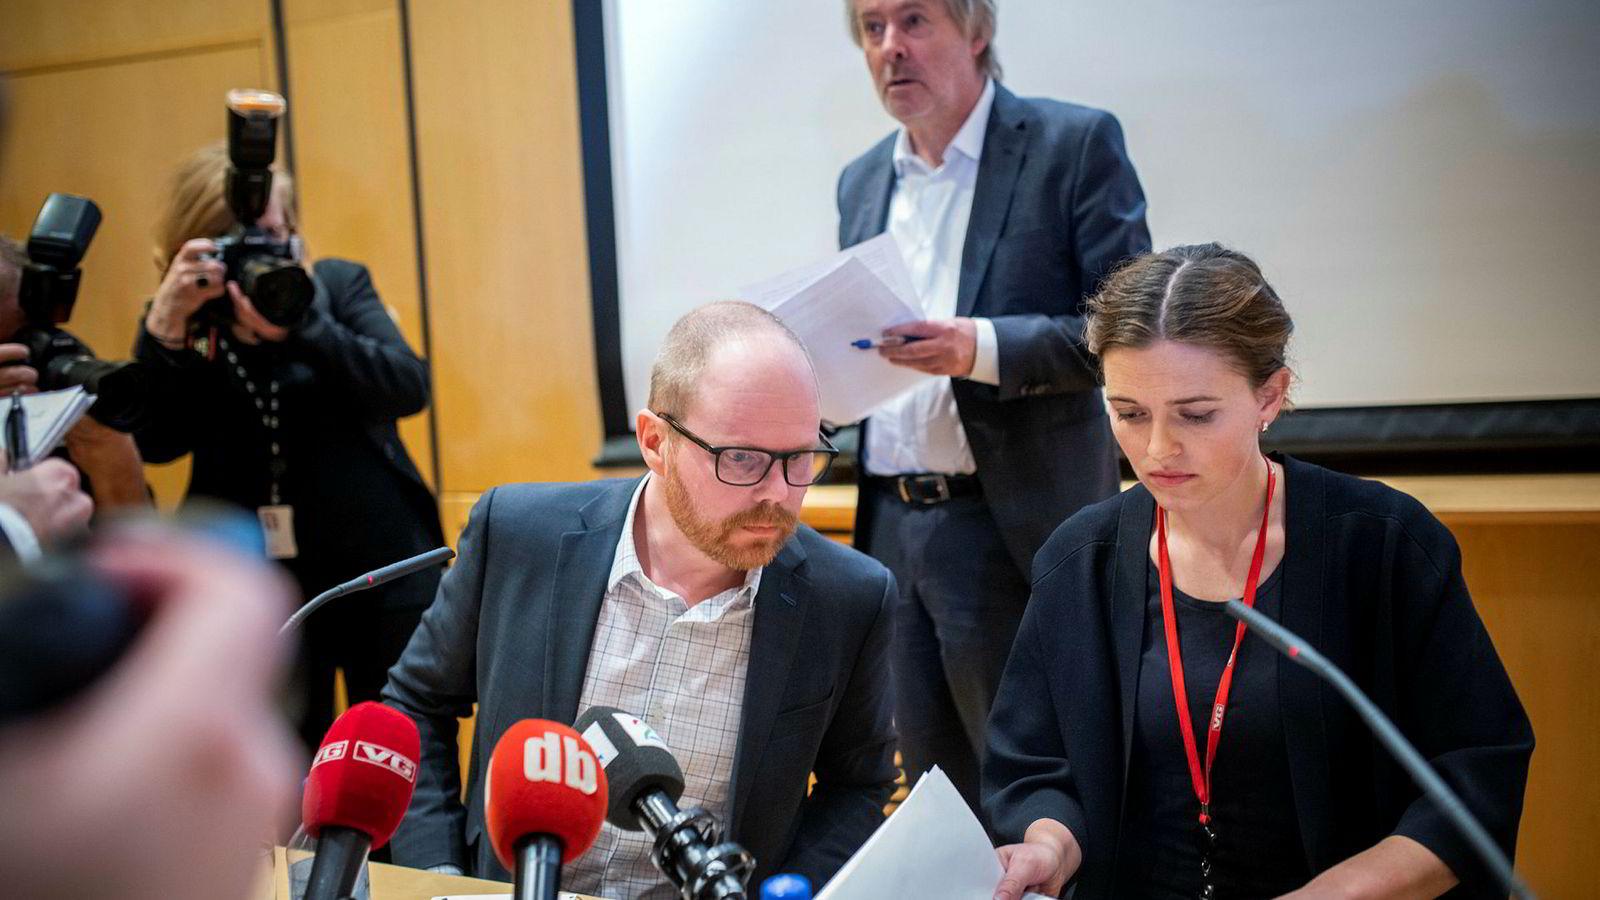 VG-redaktør Gard Steiro (t.v) og nyhetsredaktør Tora Bakke Håndlykken og styreleder Torry Pedersen holdt pressekonferanse om den interne evalueringen av dansevideosaken.